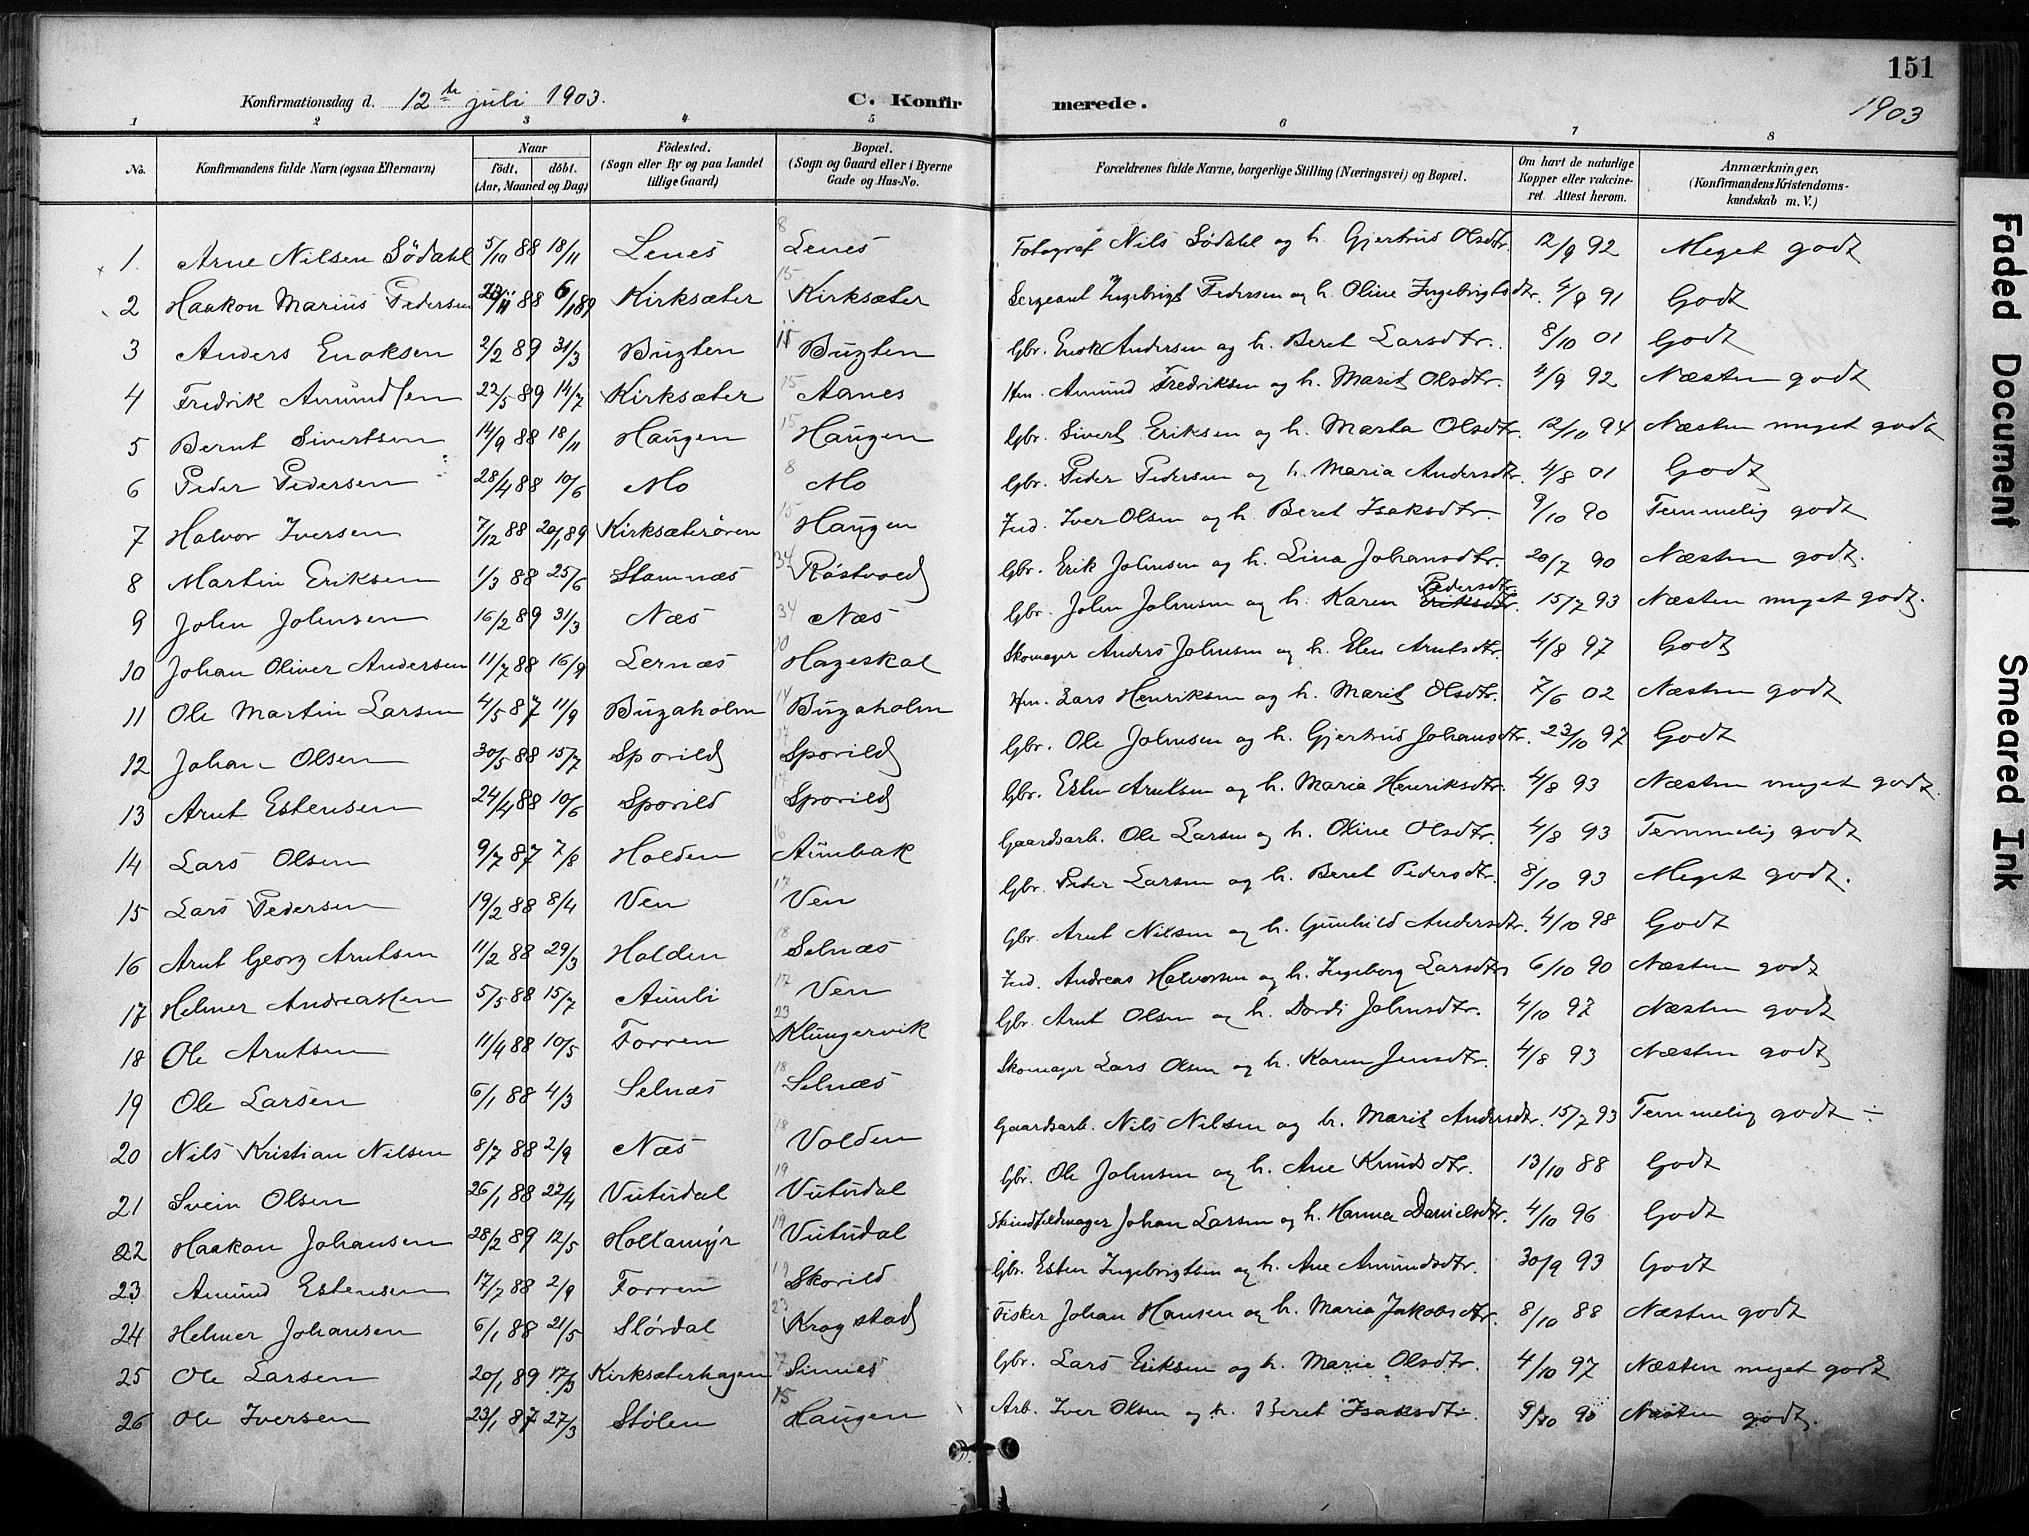 SAT, Ministerialprotokoller, klokkerbøker og fødselsregistre - Sør-Trøndelag, 630/L0497: Ministerialbok nr. 630A10, 1896-1910, s. 151